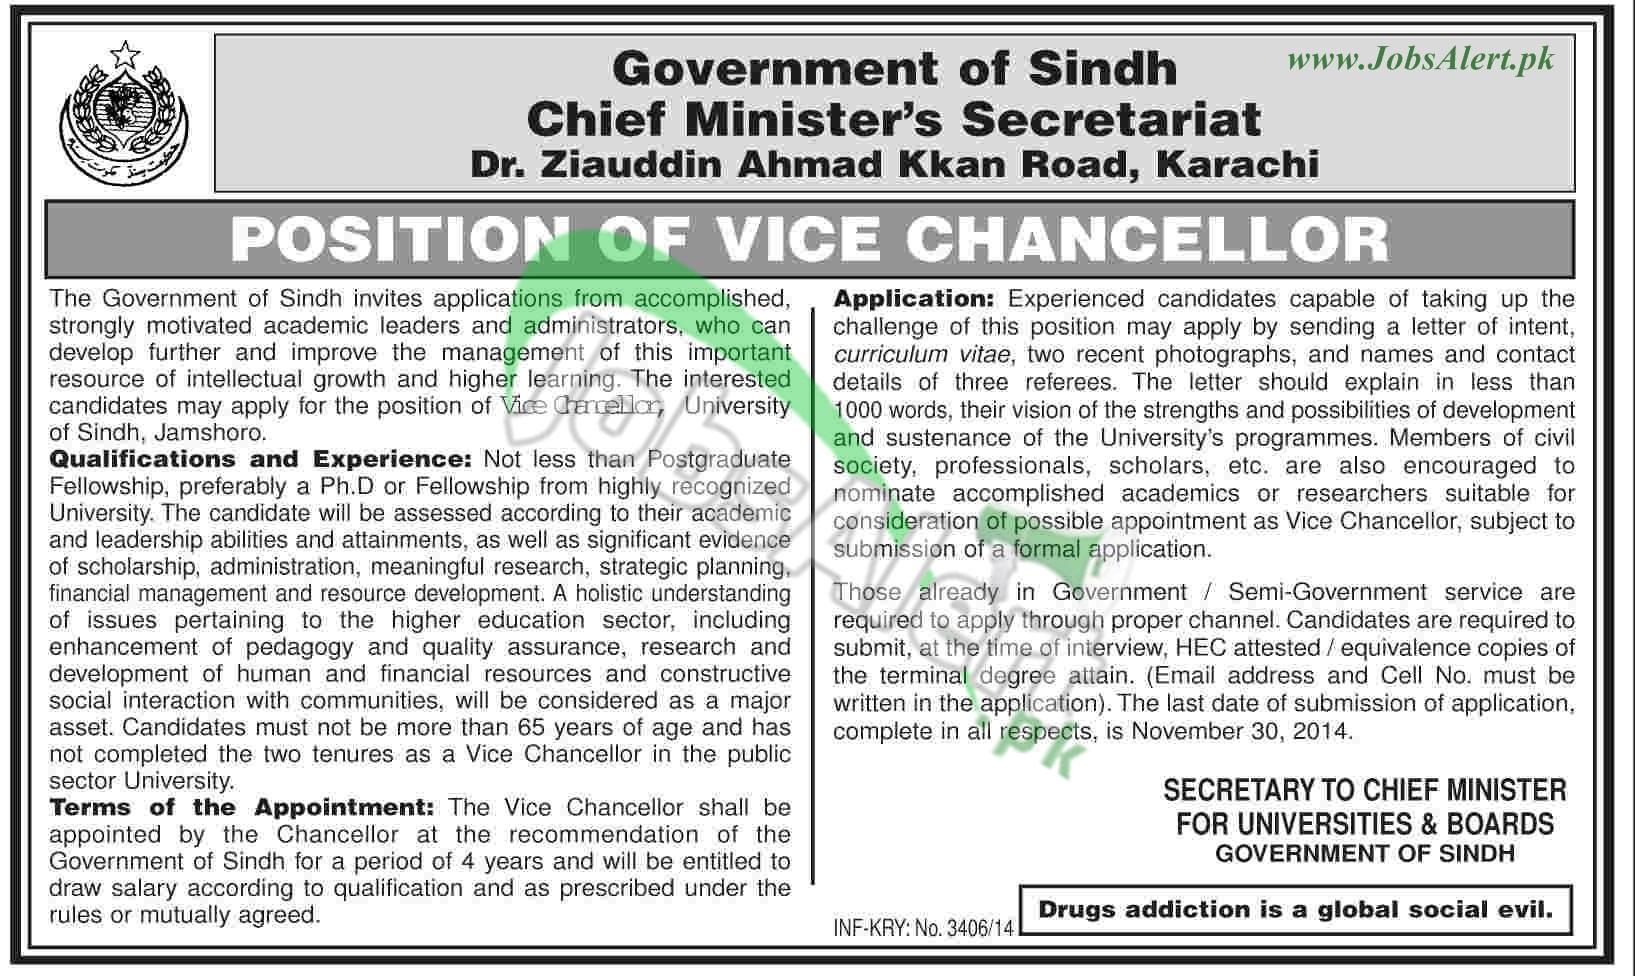 Chief Minister Secretariat Sindh